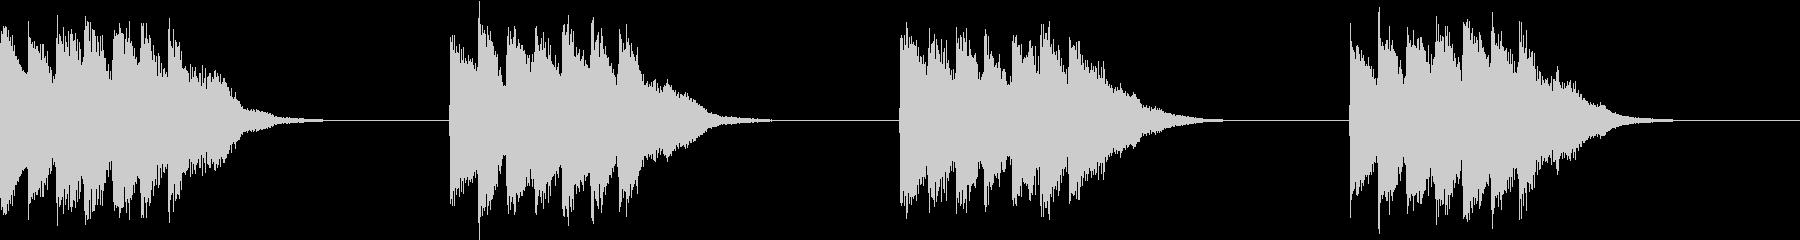 シンプル ベル 着信音 チャイム A-1の未再生の波形